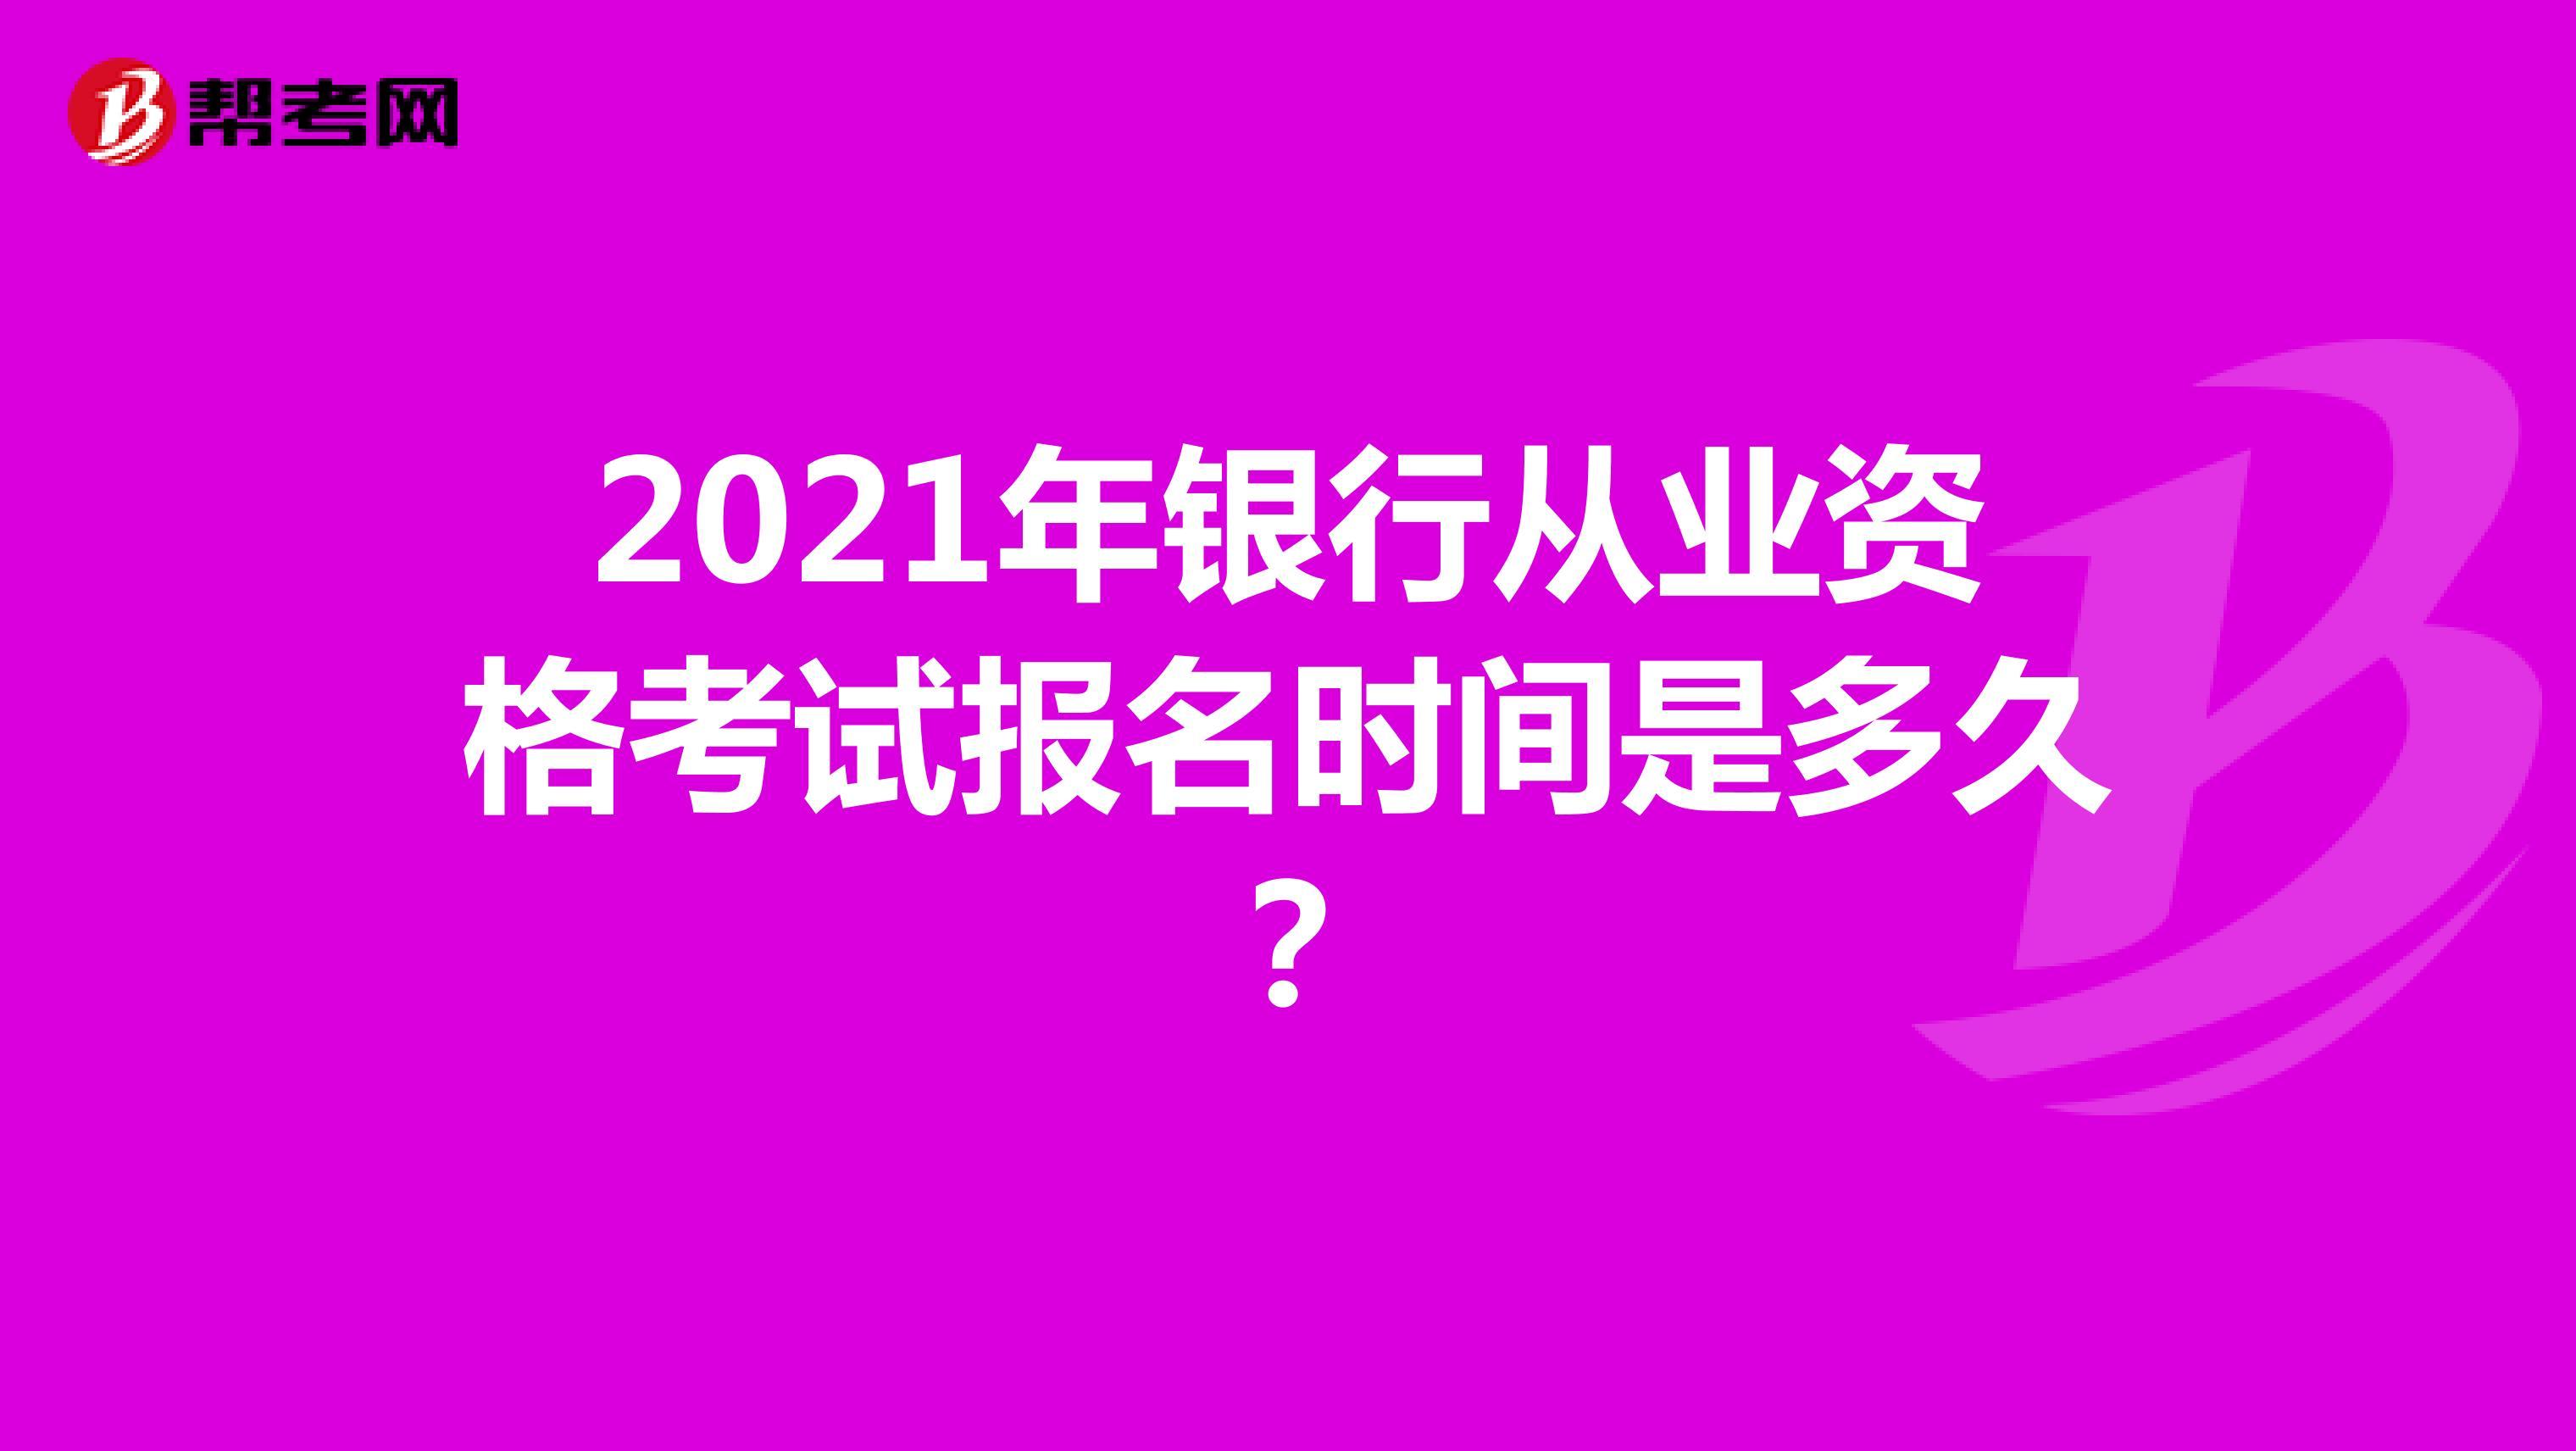 2021年银行从业资格考试报名时间是多久?